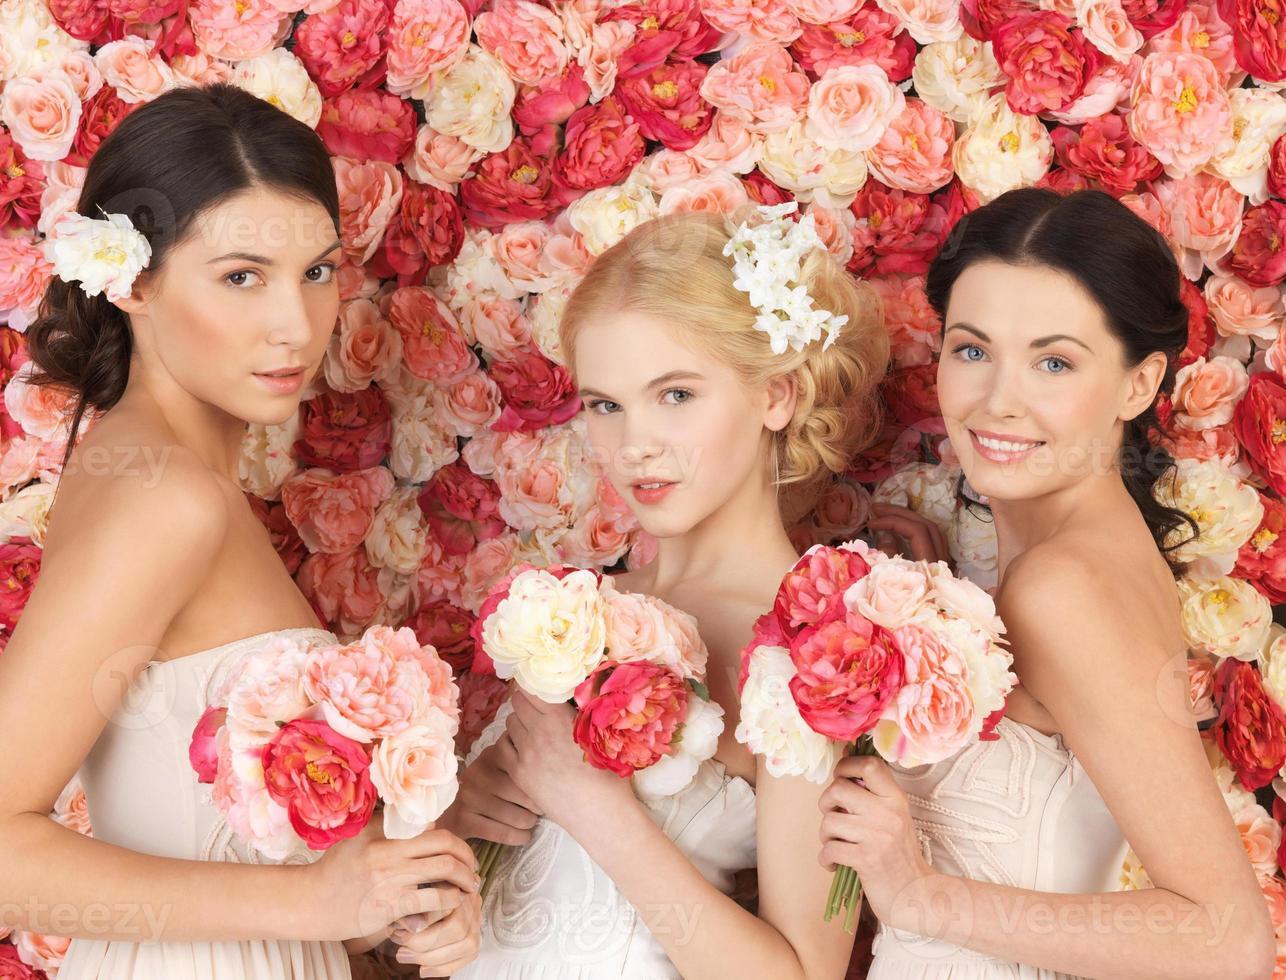 trois femmes avec fond plein de roses photo